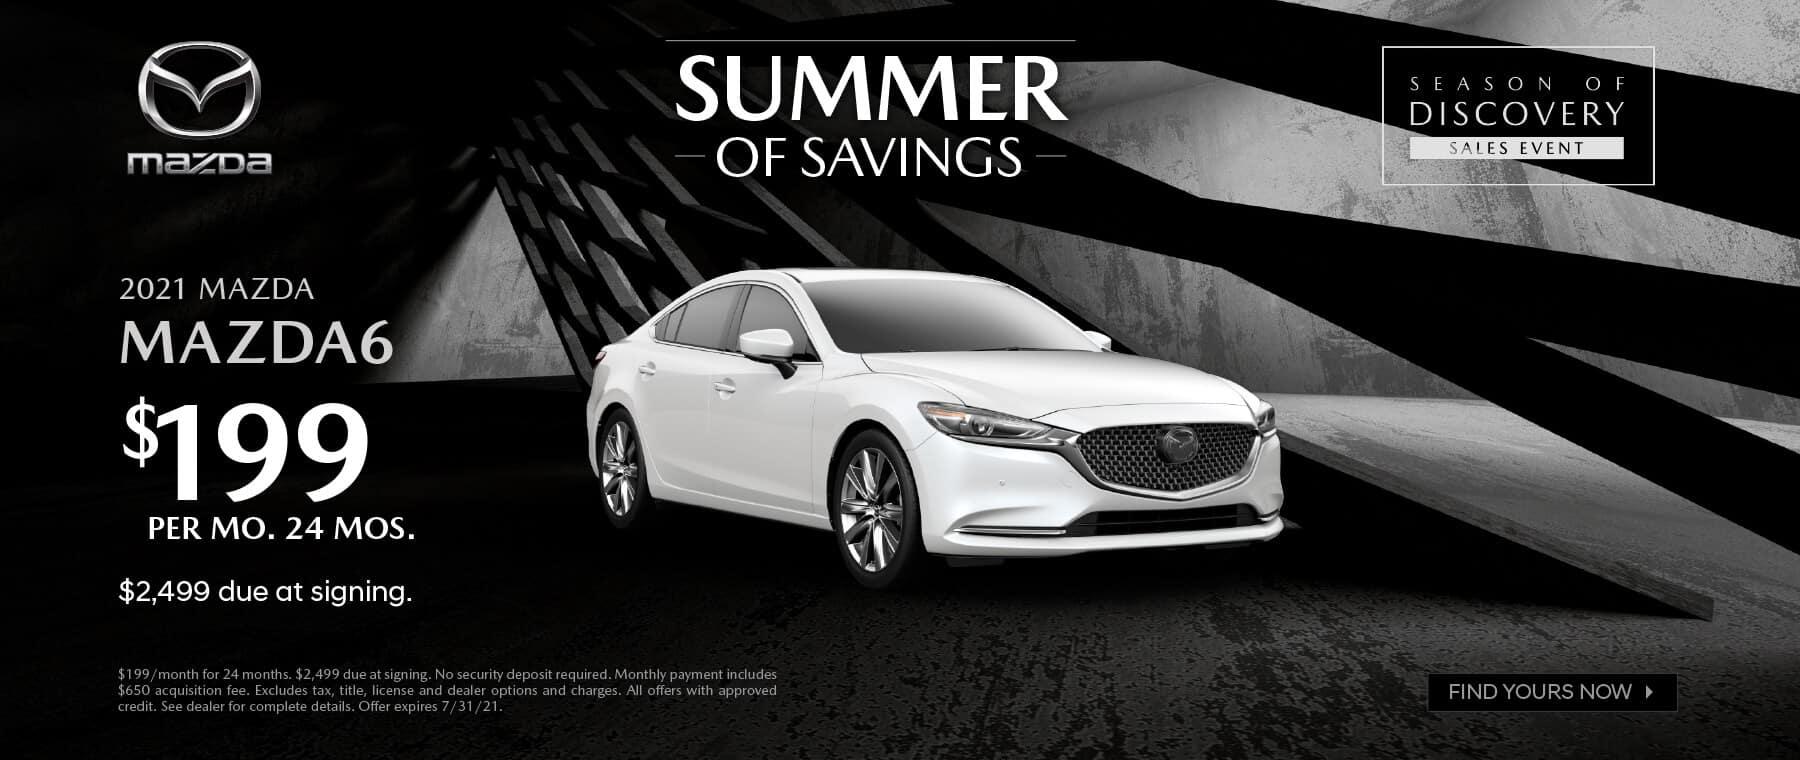 2021.05.26-Keffer-Mazda-JUNE_JULY-Web-Banners-S52475vw-4